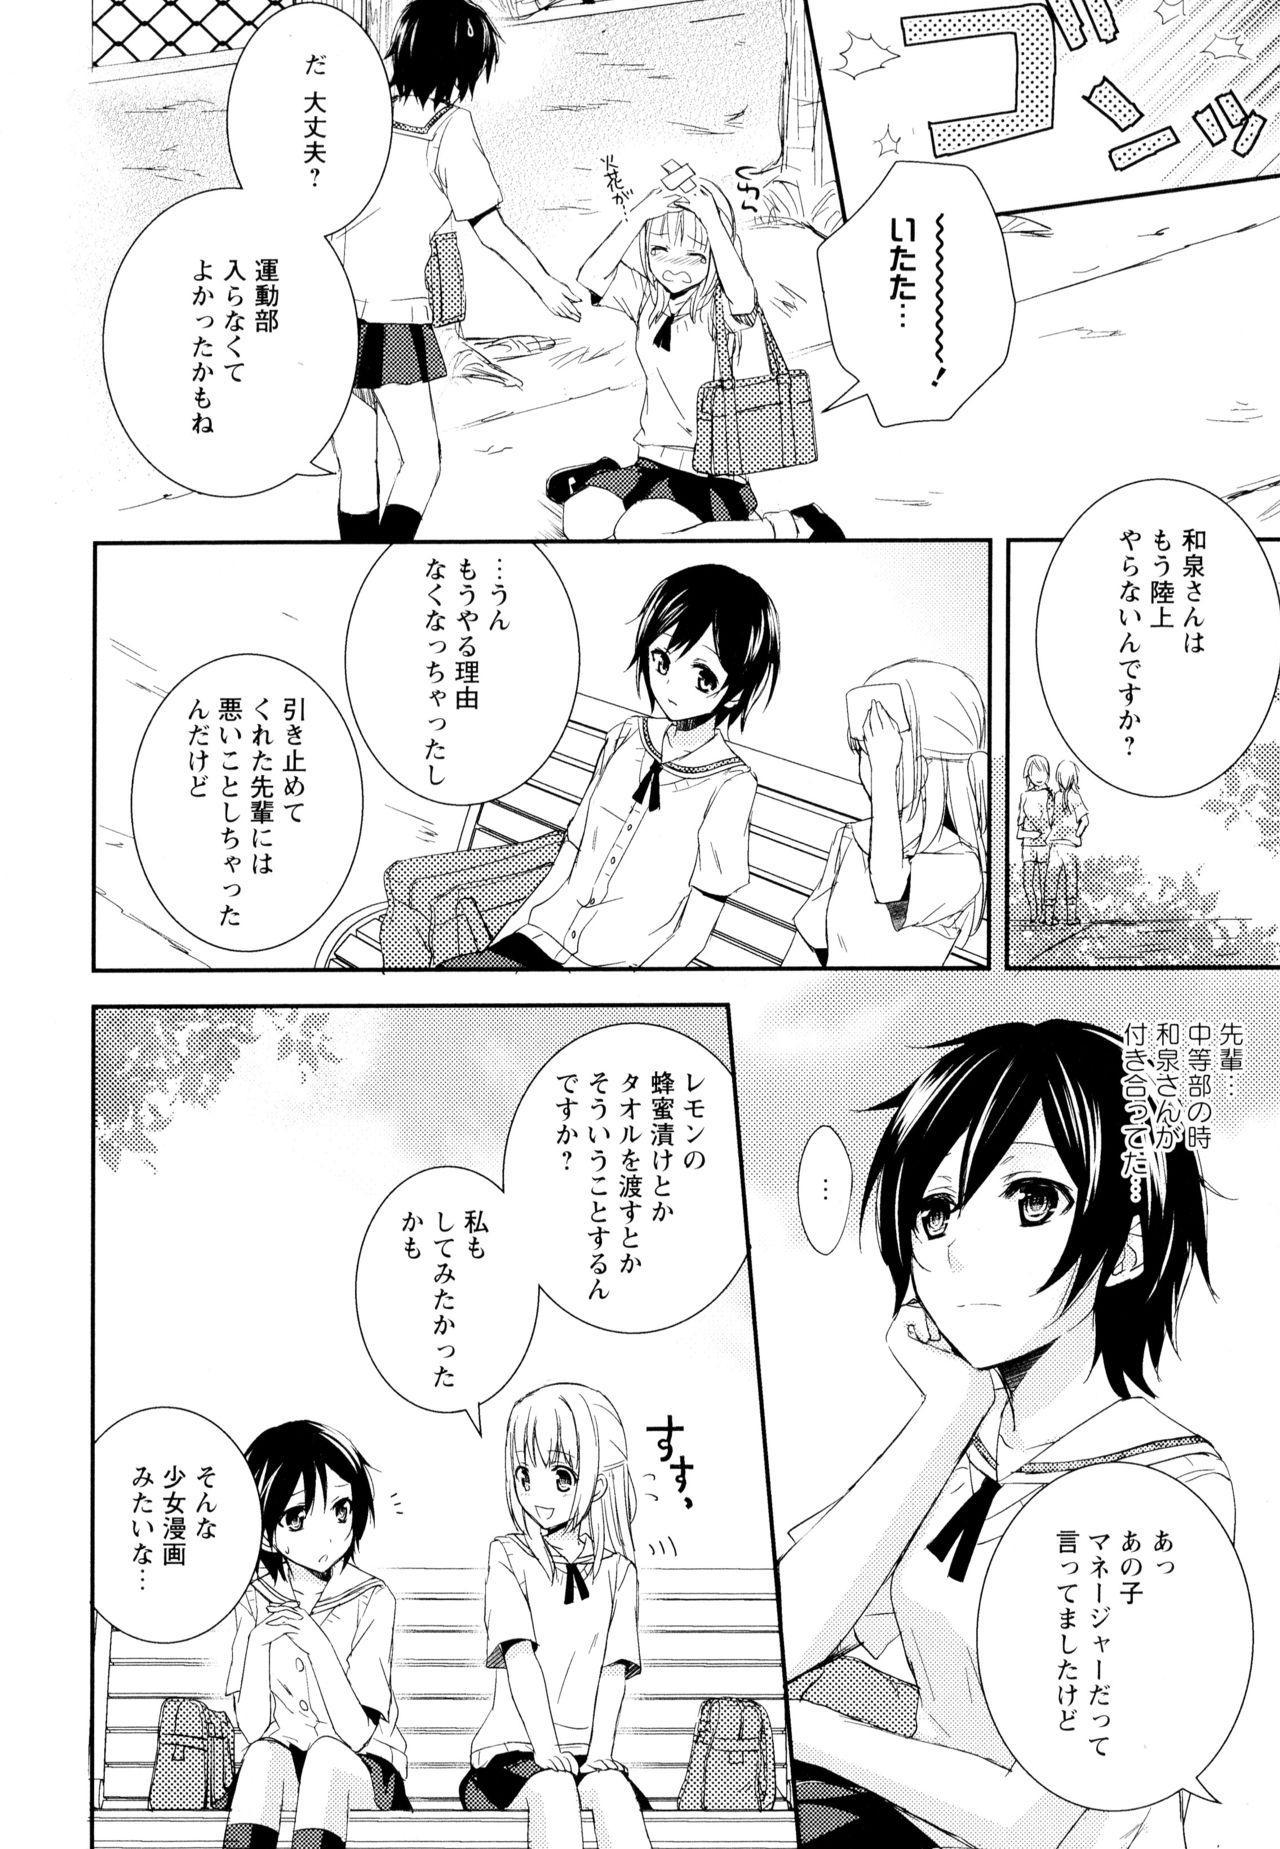 Aya Yuri Vol. 5 7